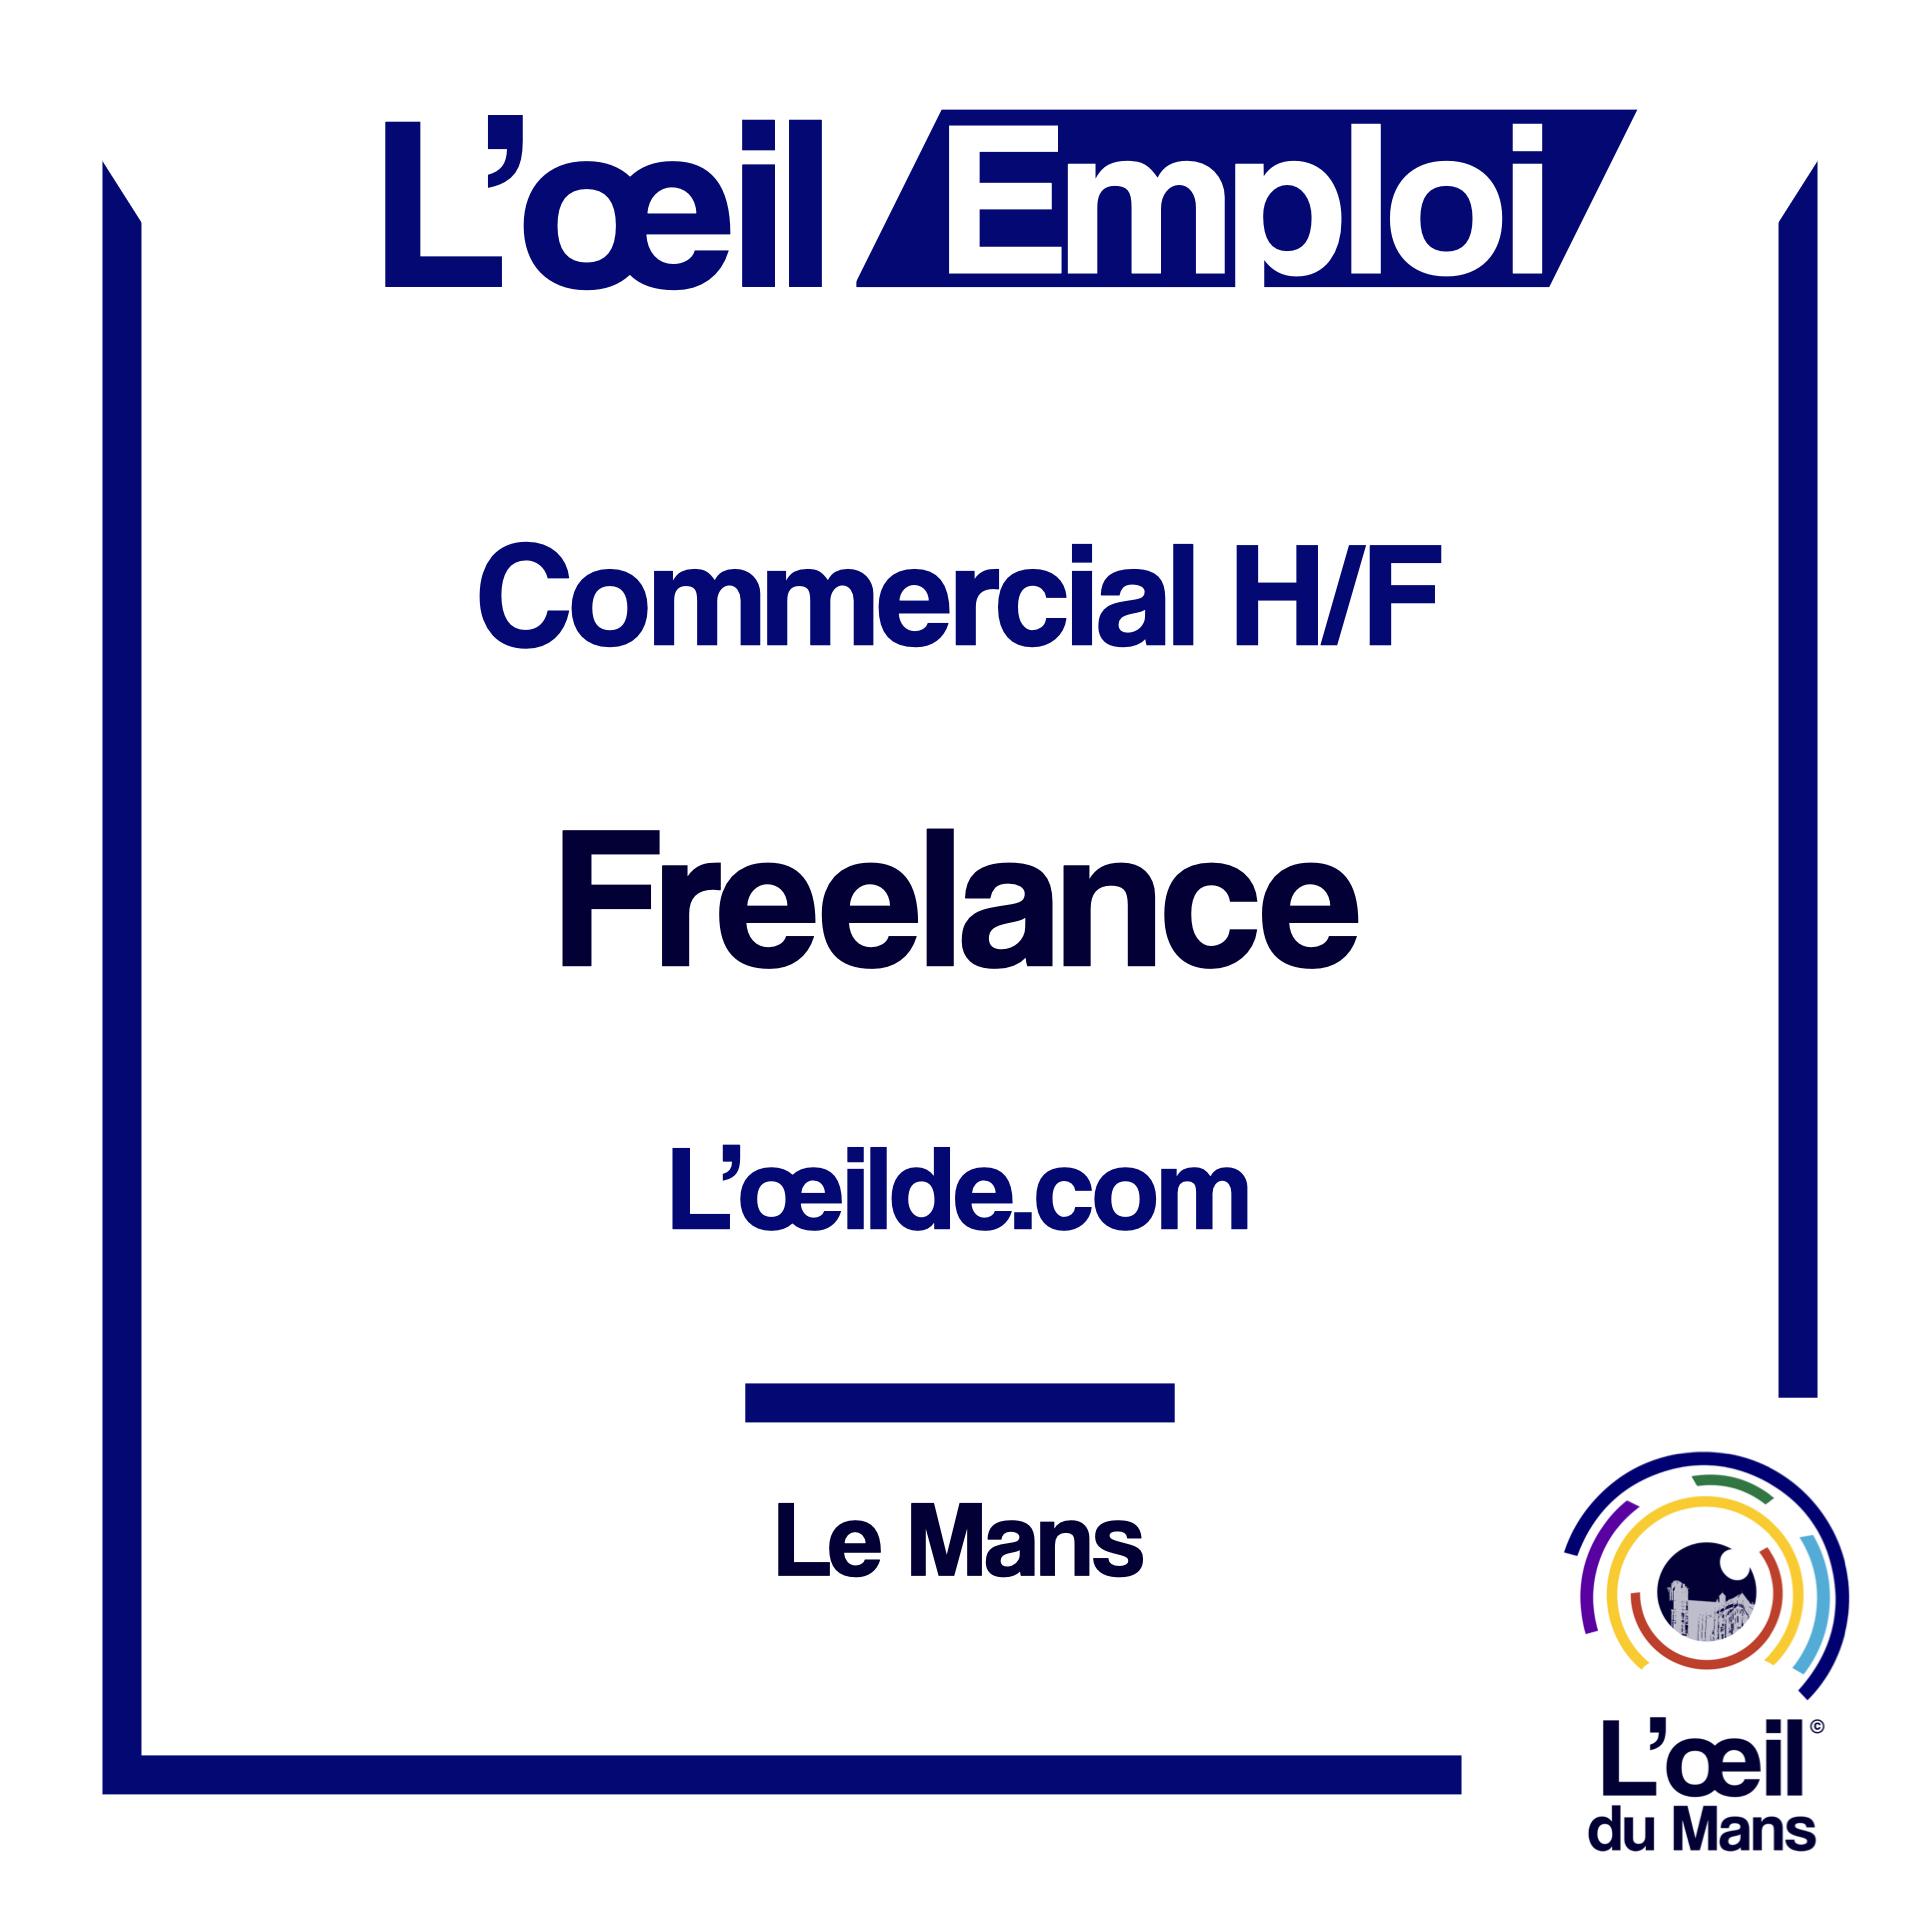 Commercial au Mans pour l'oeilde.com